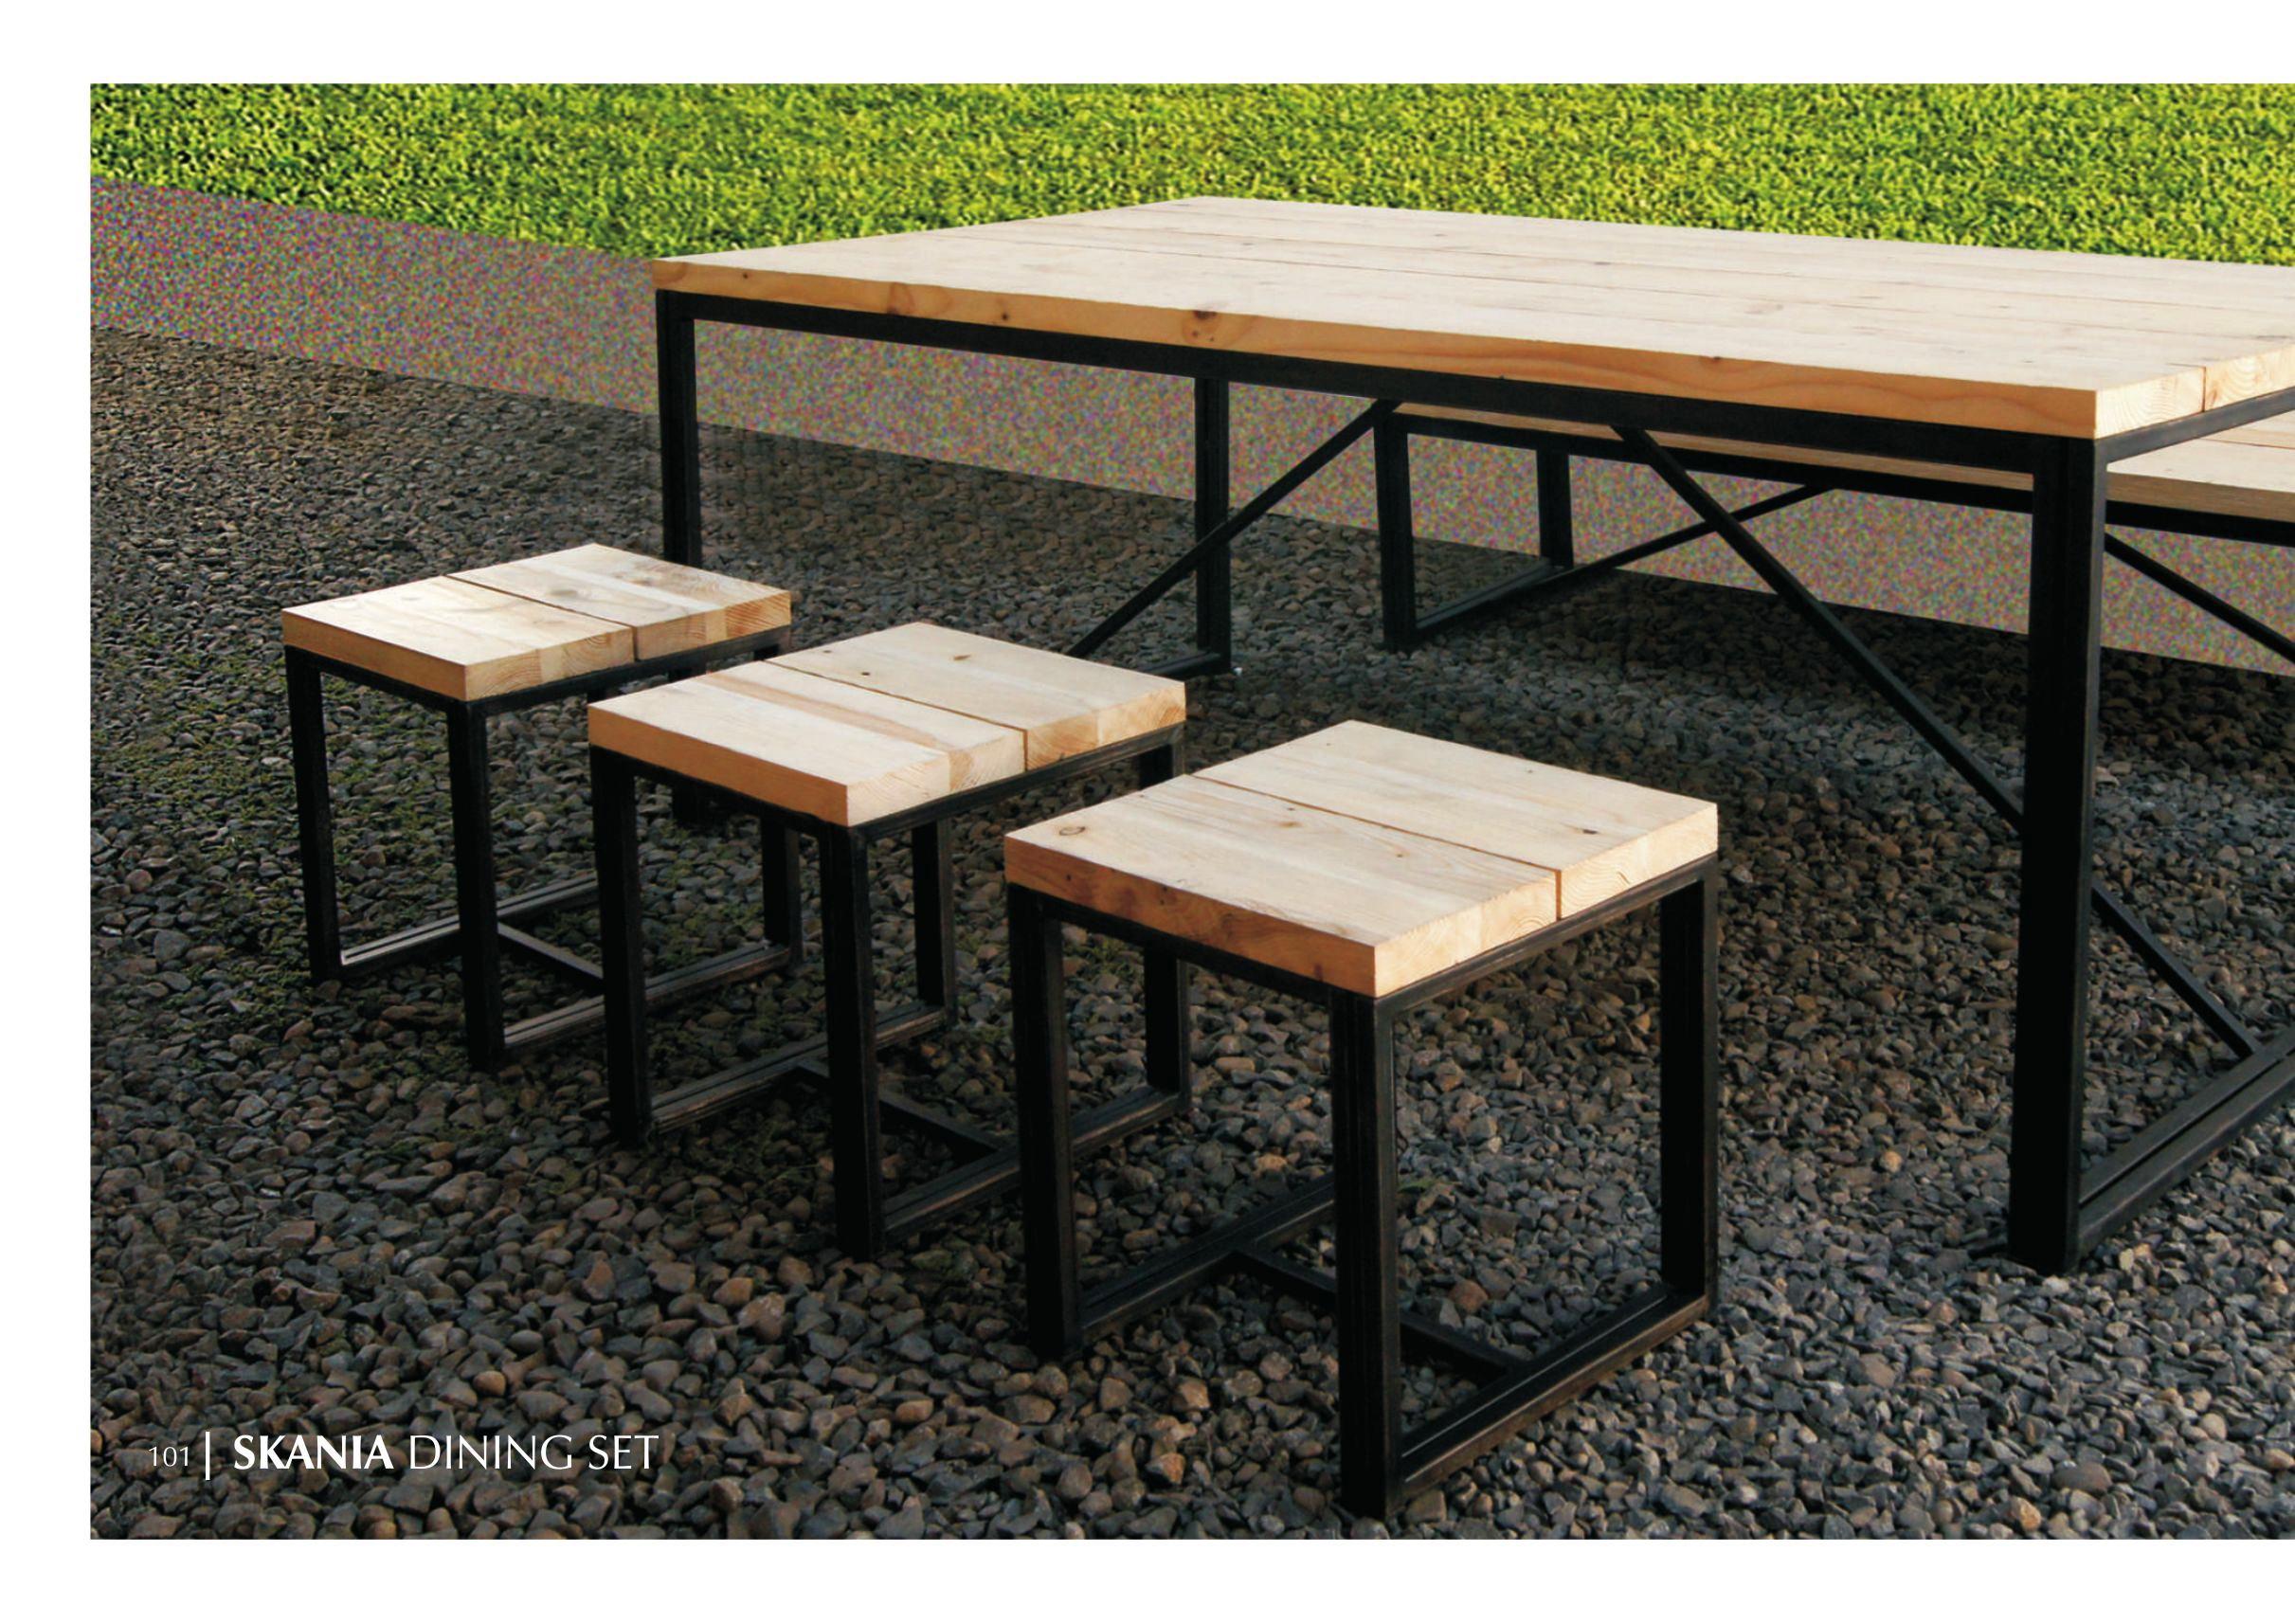 Skania wooden dining Set